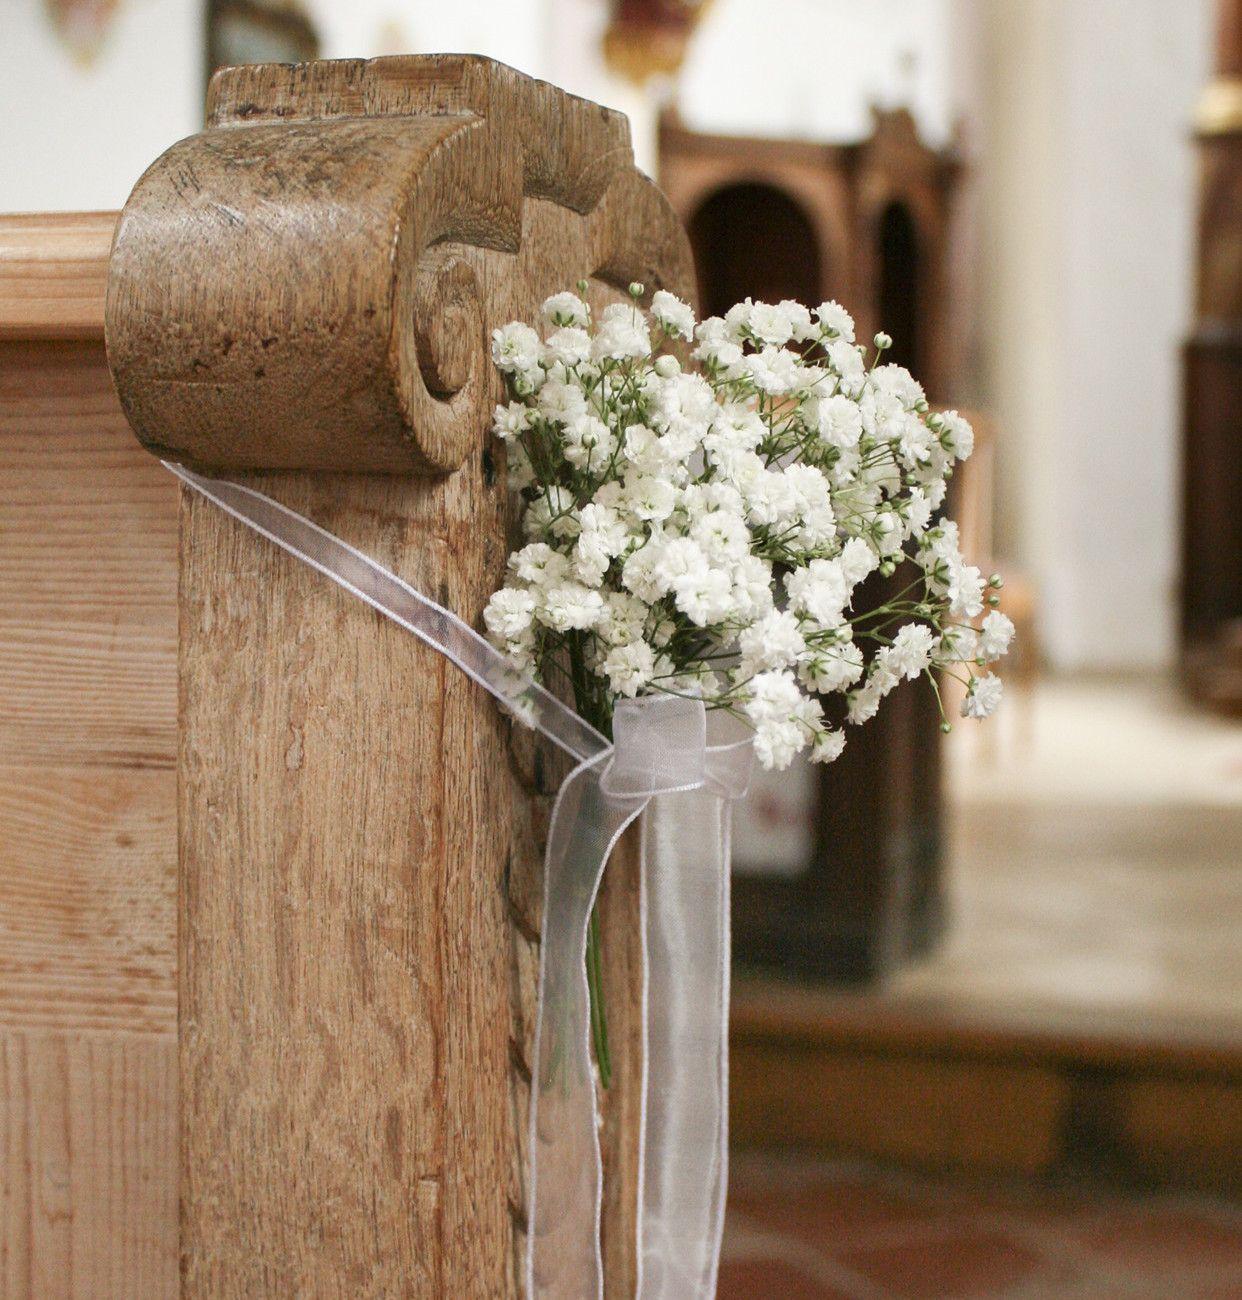 Kirchenbank Mit Schleierkraut Deko Weisse Blumen White Flowers